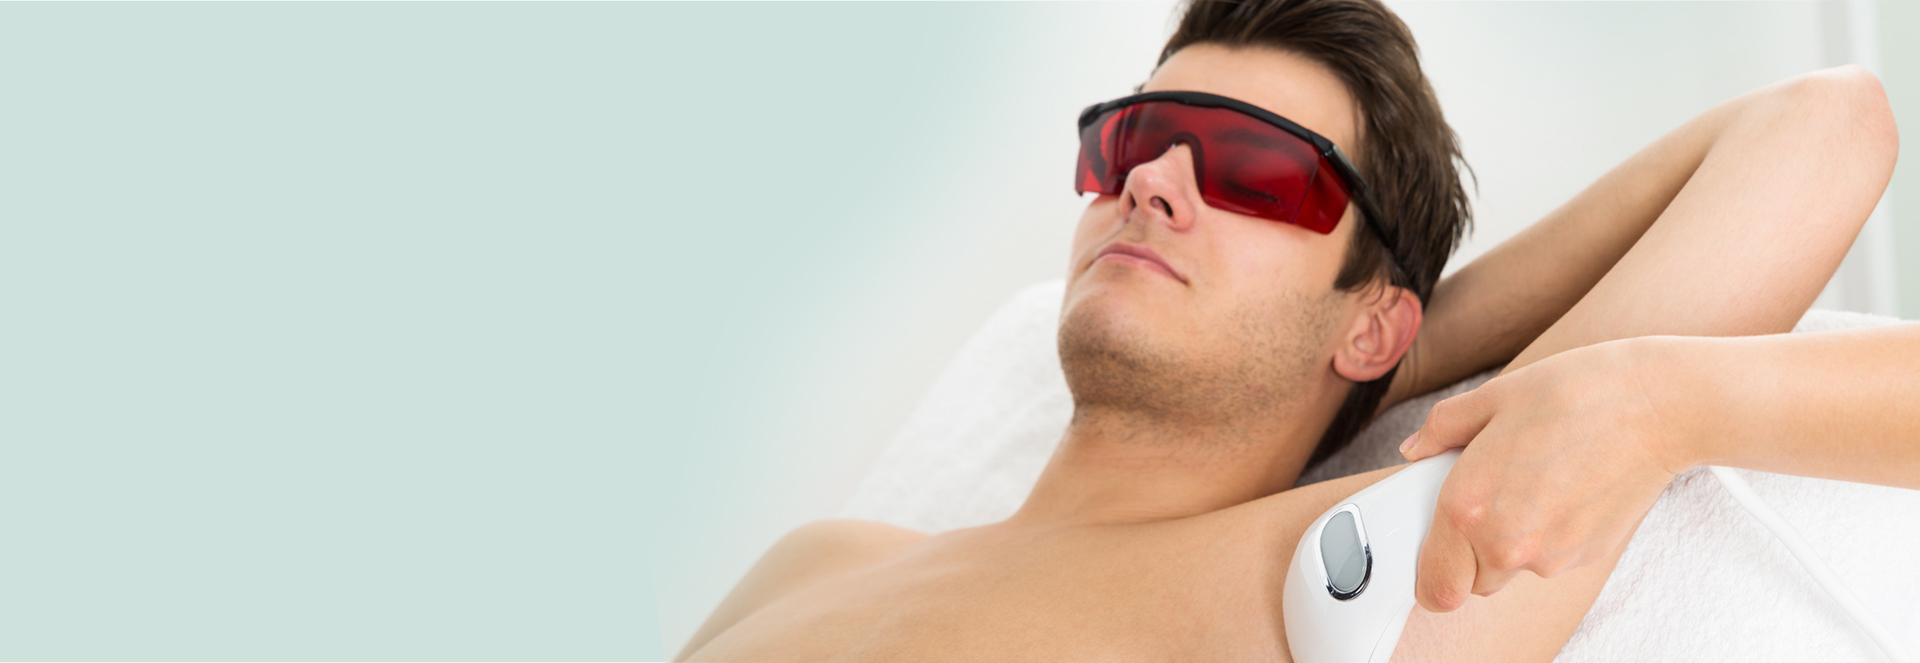 Epilation laser homme